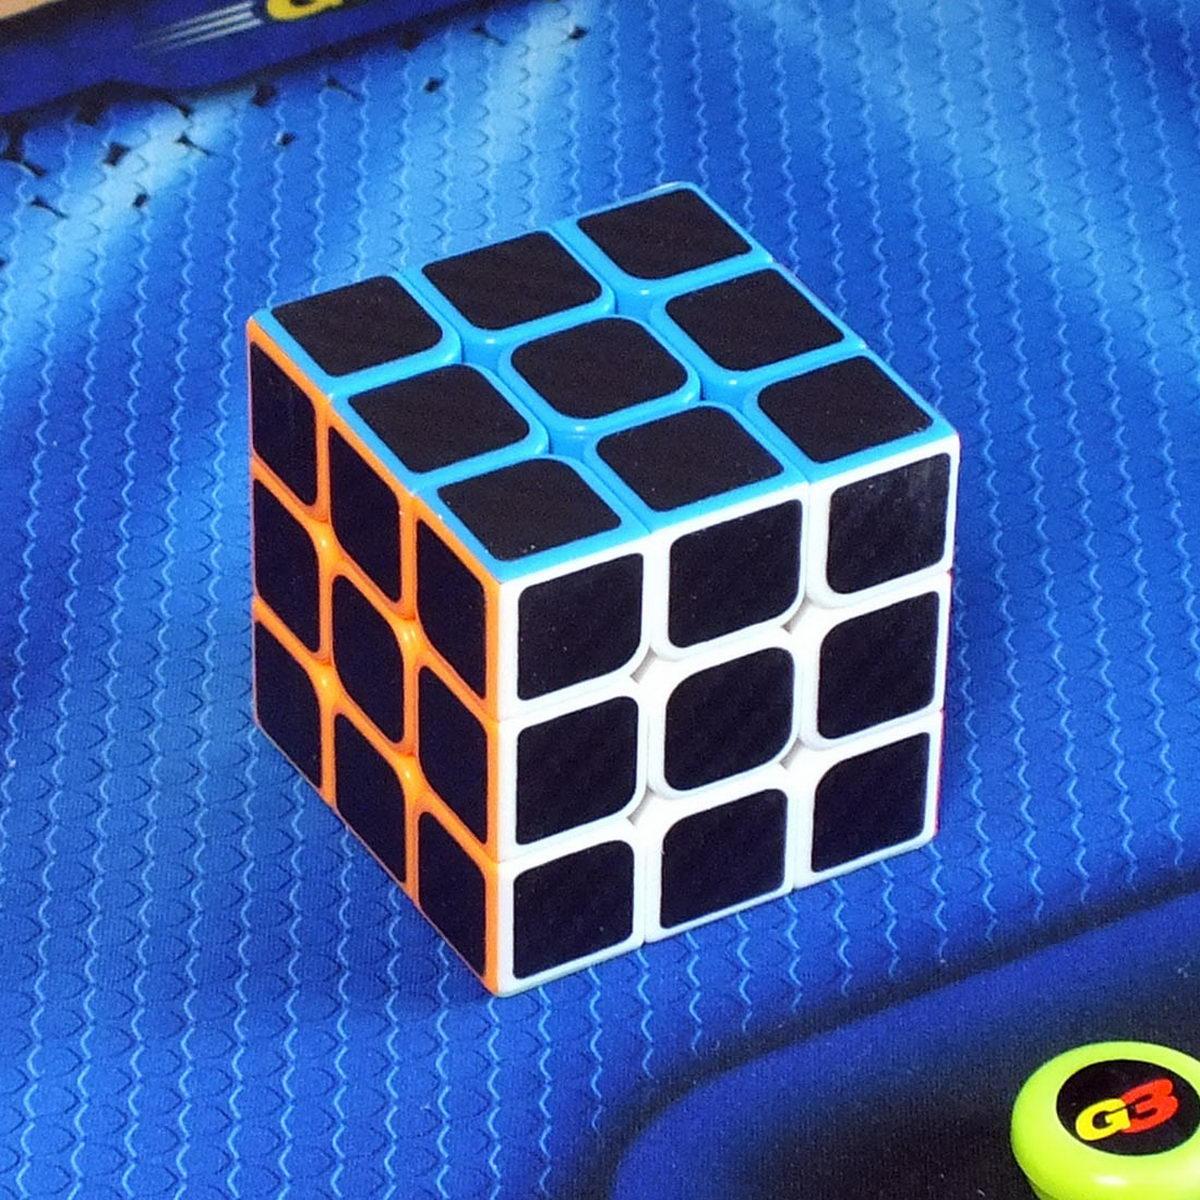 Moyu Yulong Cobra 3x3 black